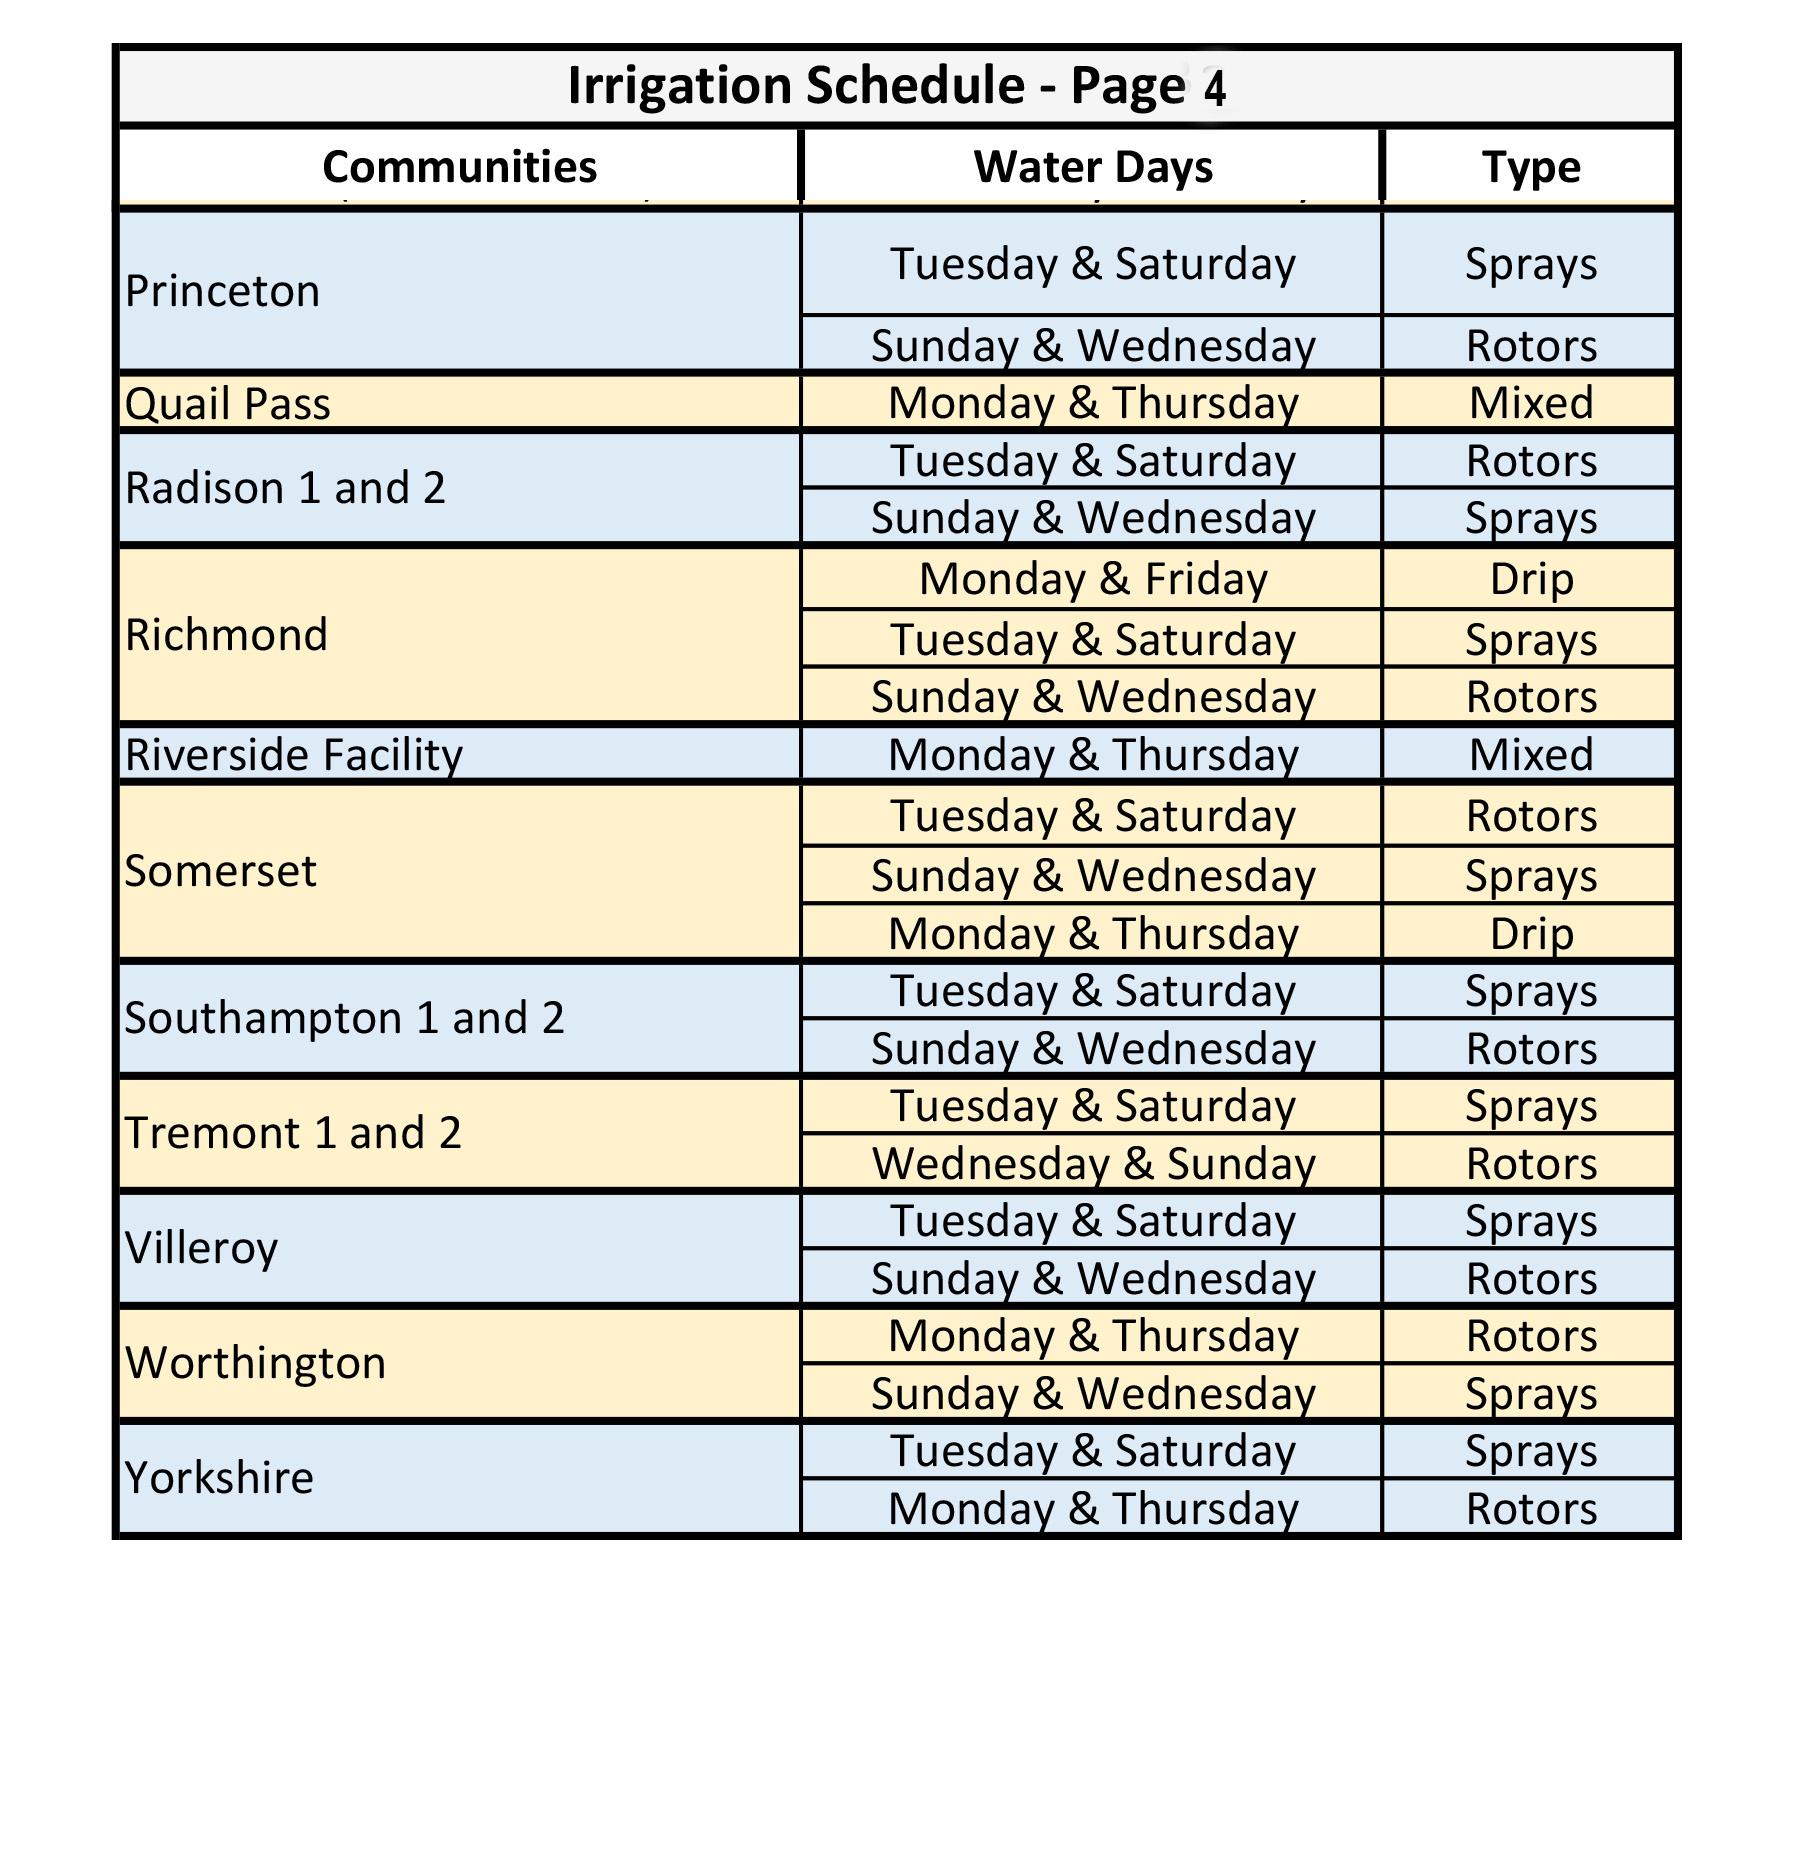 Irrigation Schedule page 4